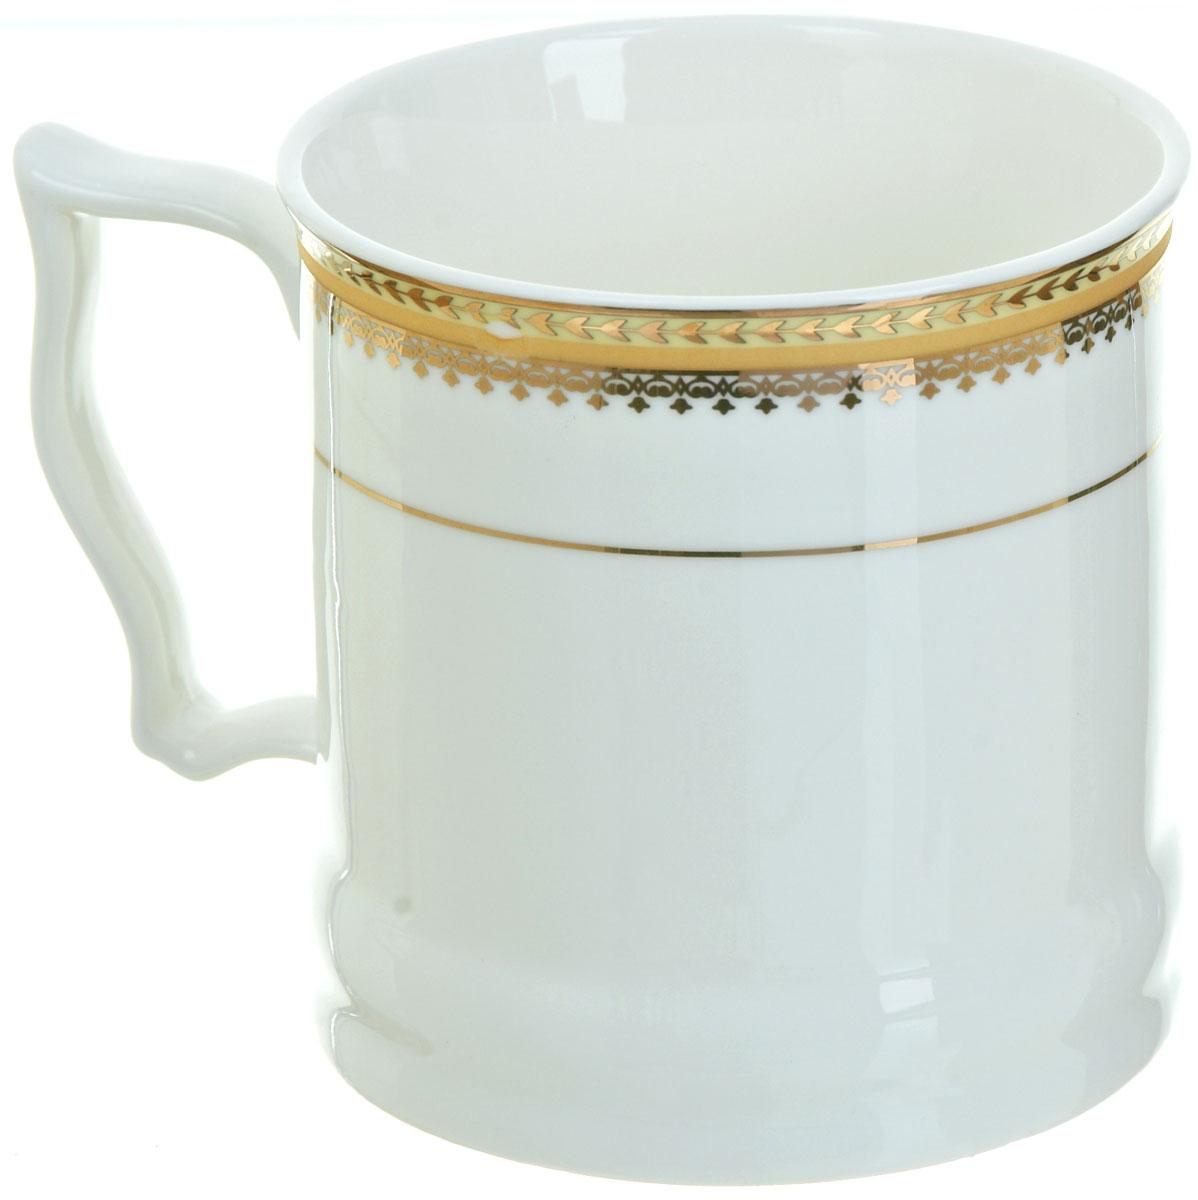 Кружка BHP Королевская кружка, 500 мл. M1870009M1870009Оригинальная кружка Best Home Porcelain, выполненная из высококачественного фарфора, сочетает в себе простой, утонченный дизайн с максимальной функциональностью. Оригинальность оформления придутся по вкусу тем, кто ценит индивидуальность. В комплект входит кружка. Можно использовать в ПММ.